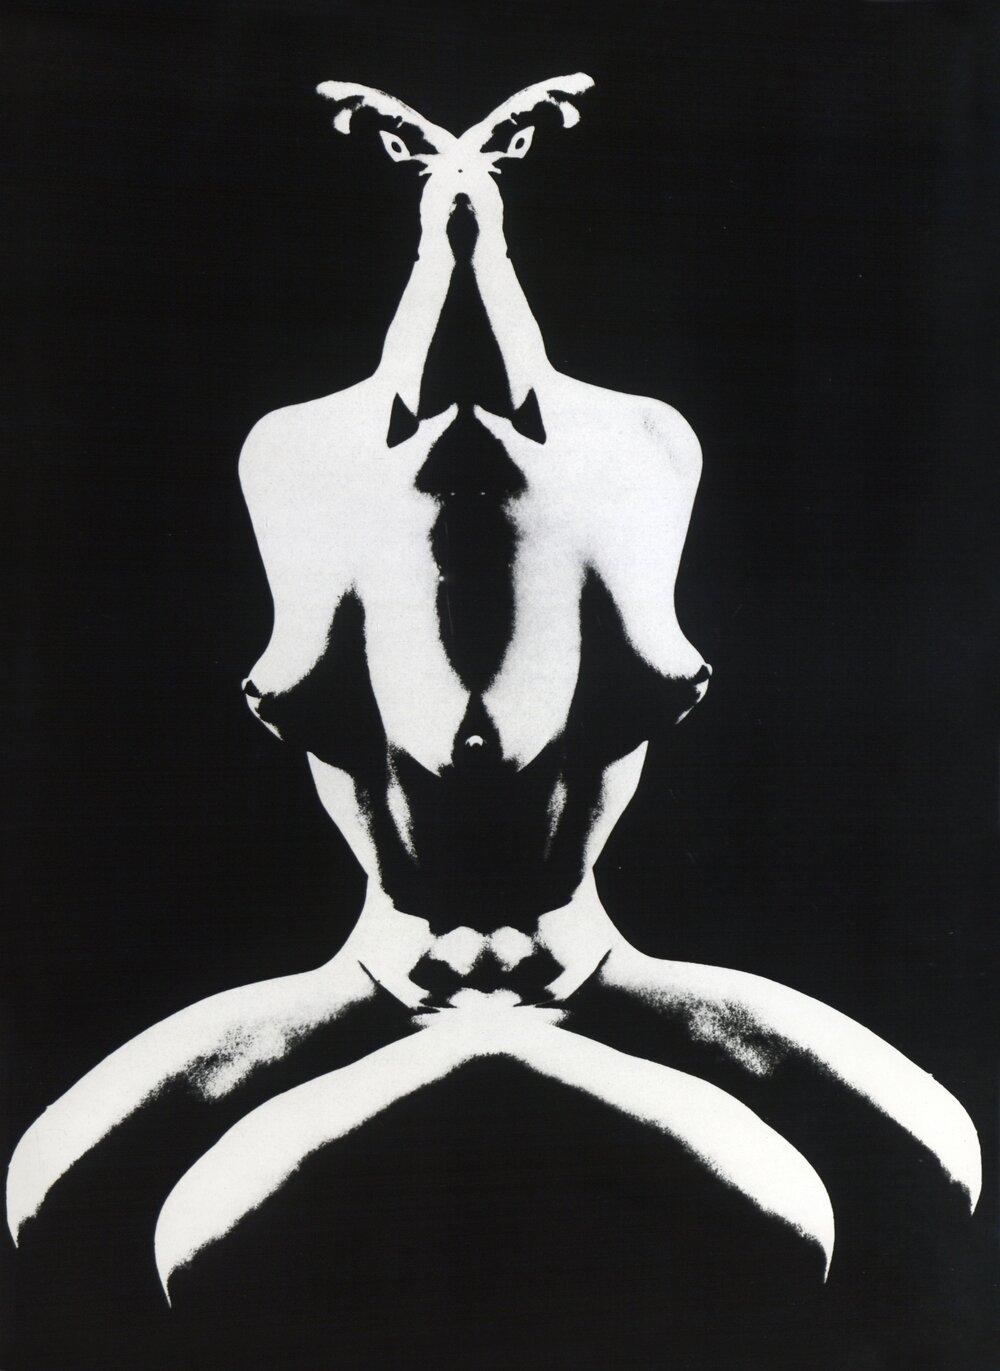 Геннадий Тубалев. Привидение матриархата. 1971. Серебряно-желатиновая печать. Предоставлено Grynyov Art Foundation